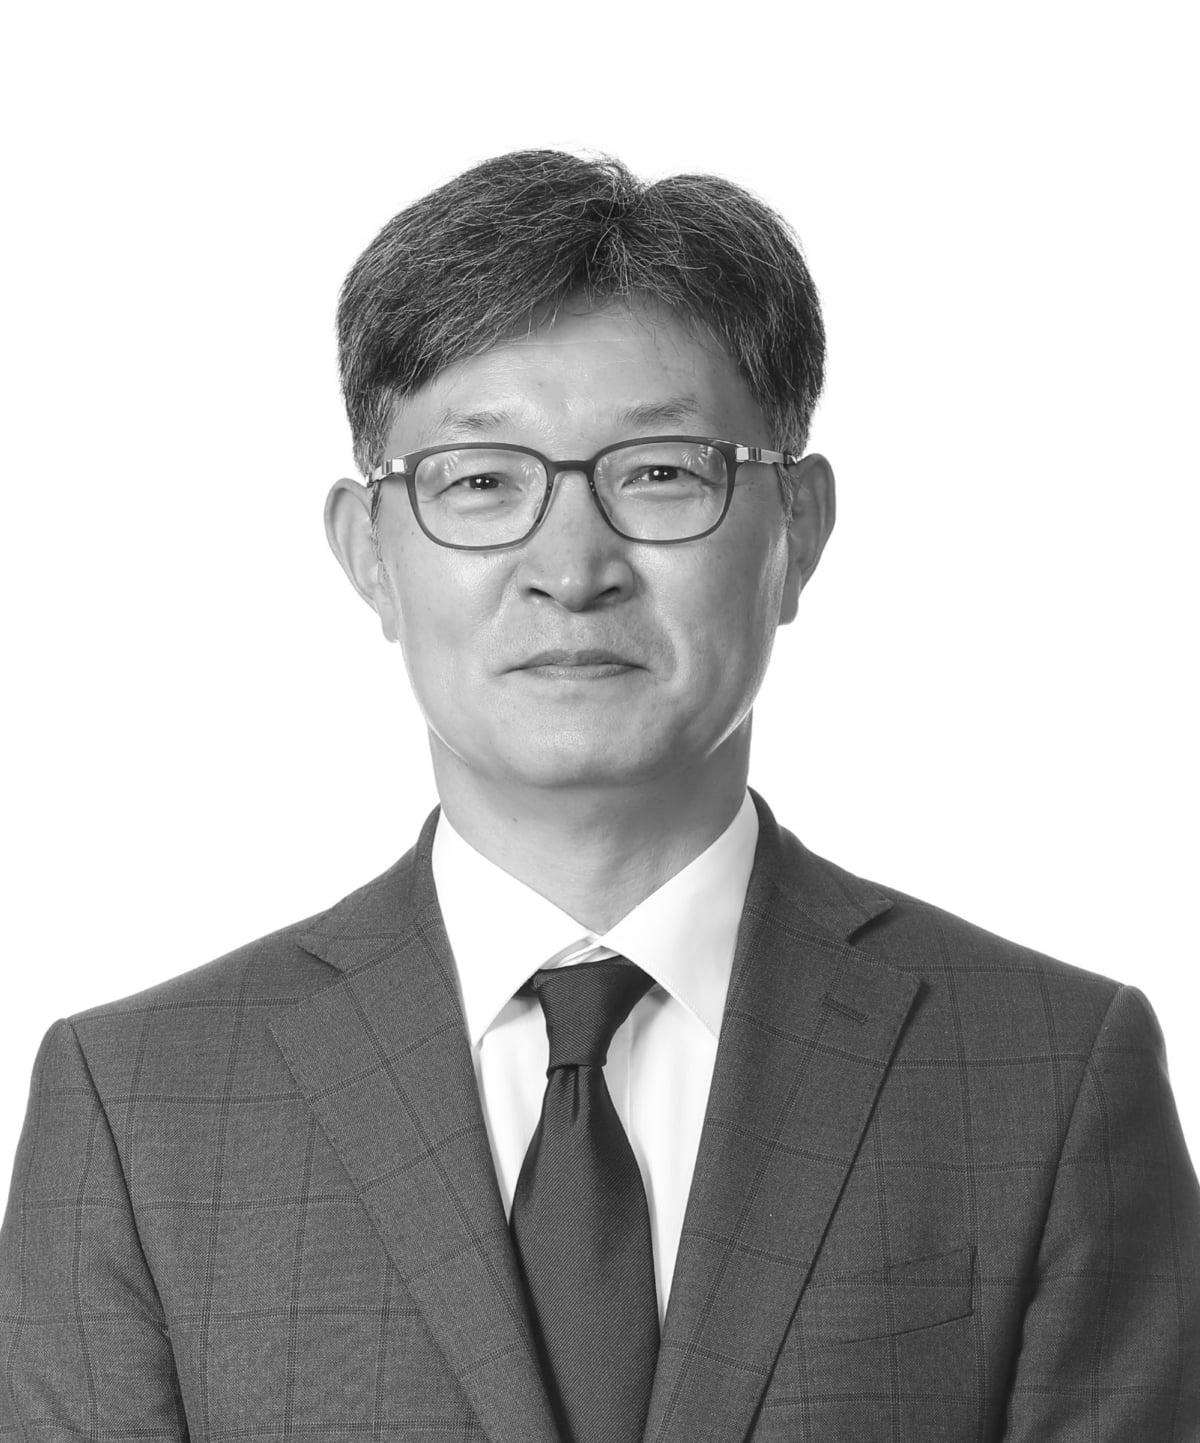 BC카드 신임 사장에 최현석 現 에프앤자산평가 대표 내정